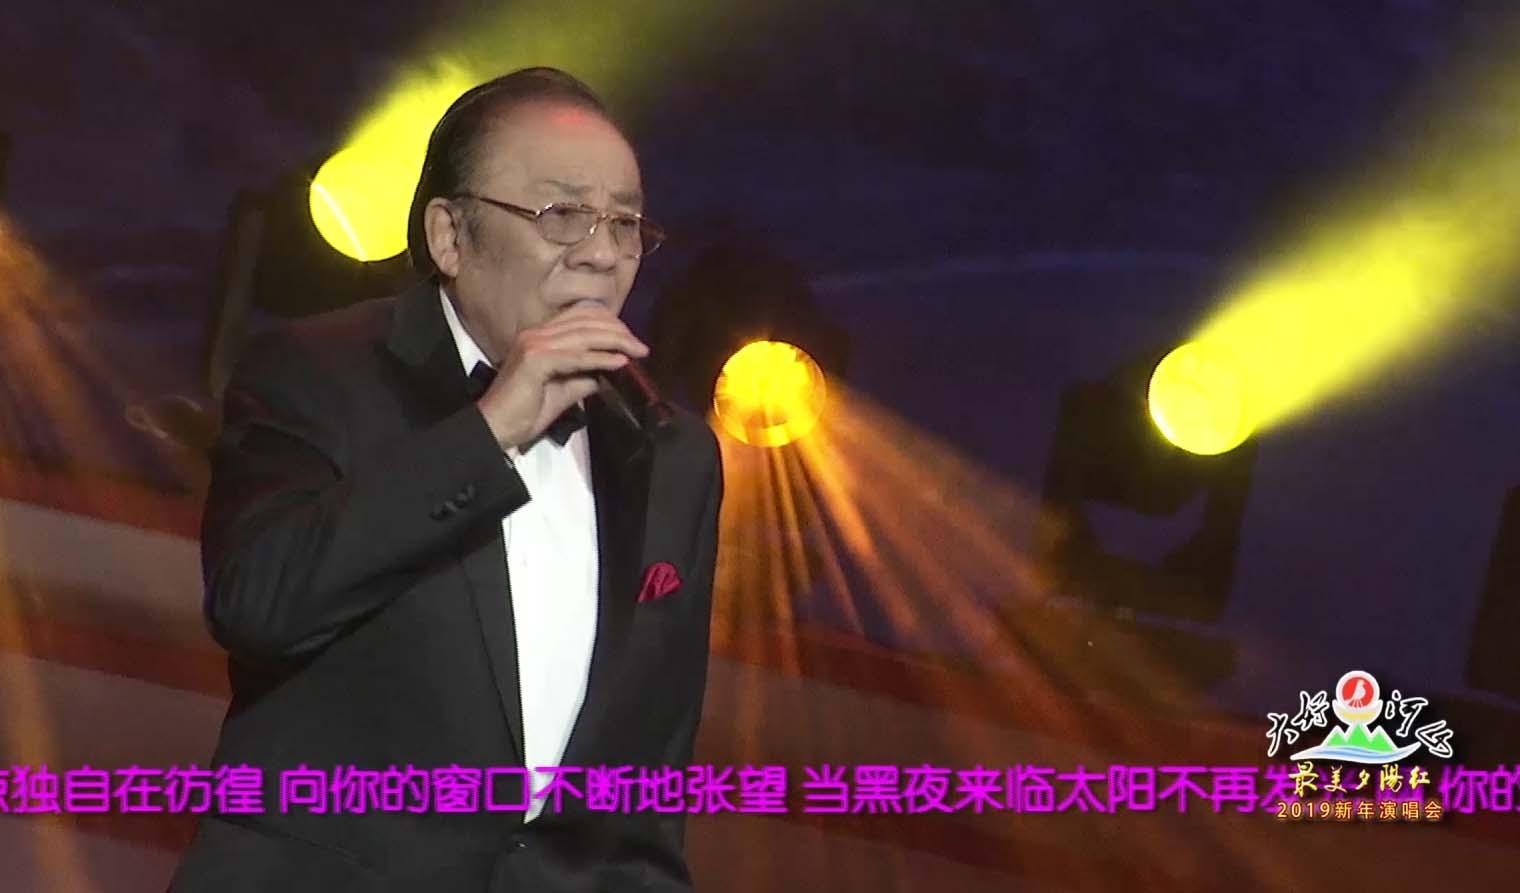 """大好河山2019""""最美夕阳红""""新年公益晚会 歌曲《我的太阳》杨洪基"""